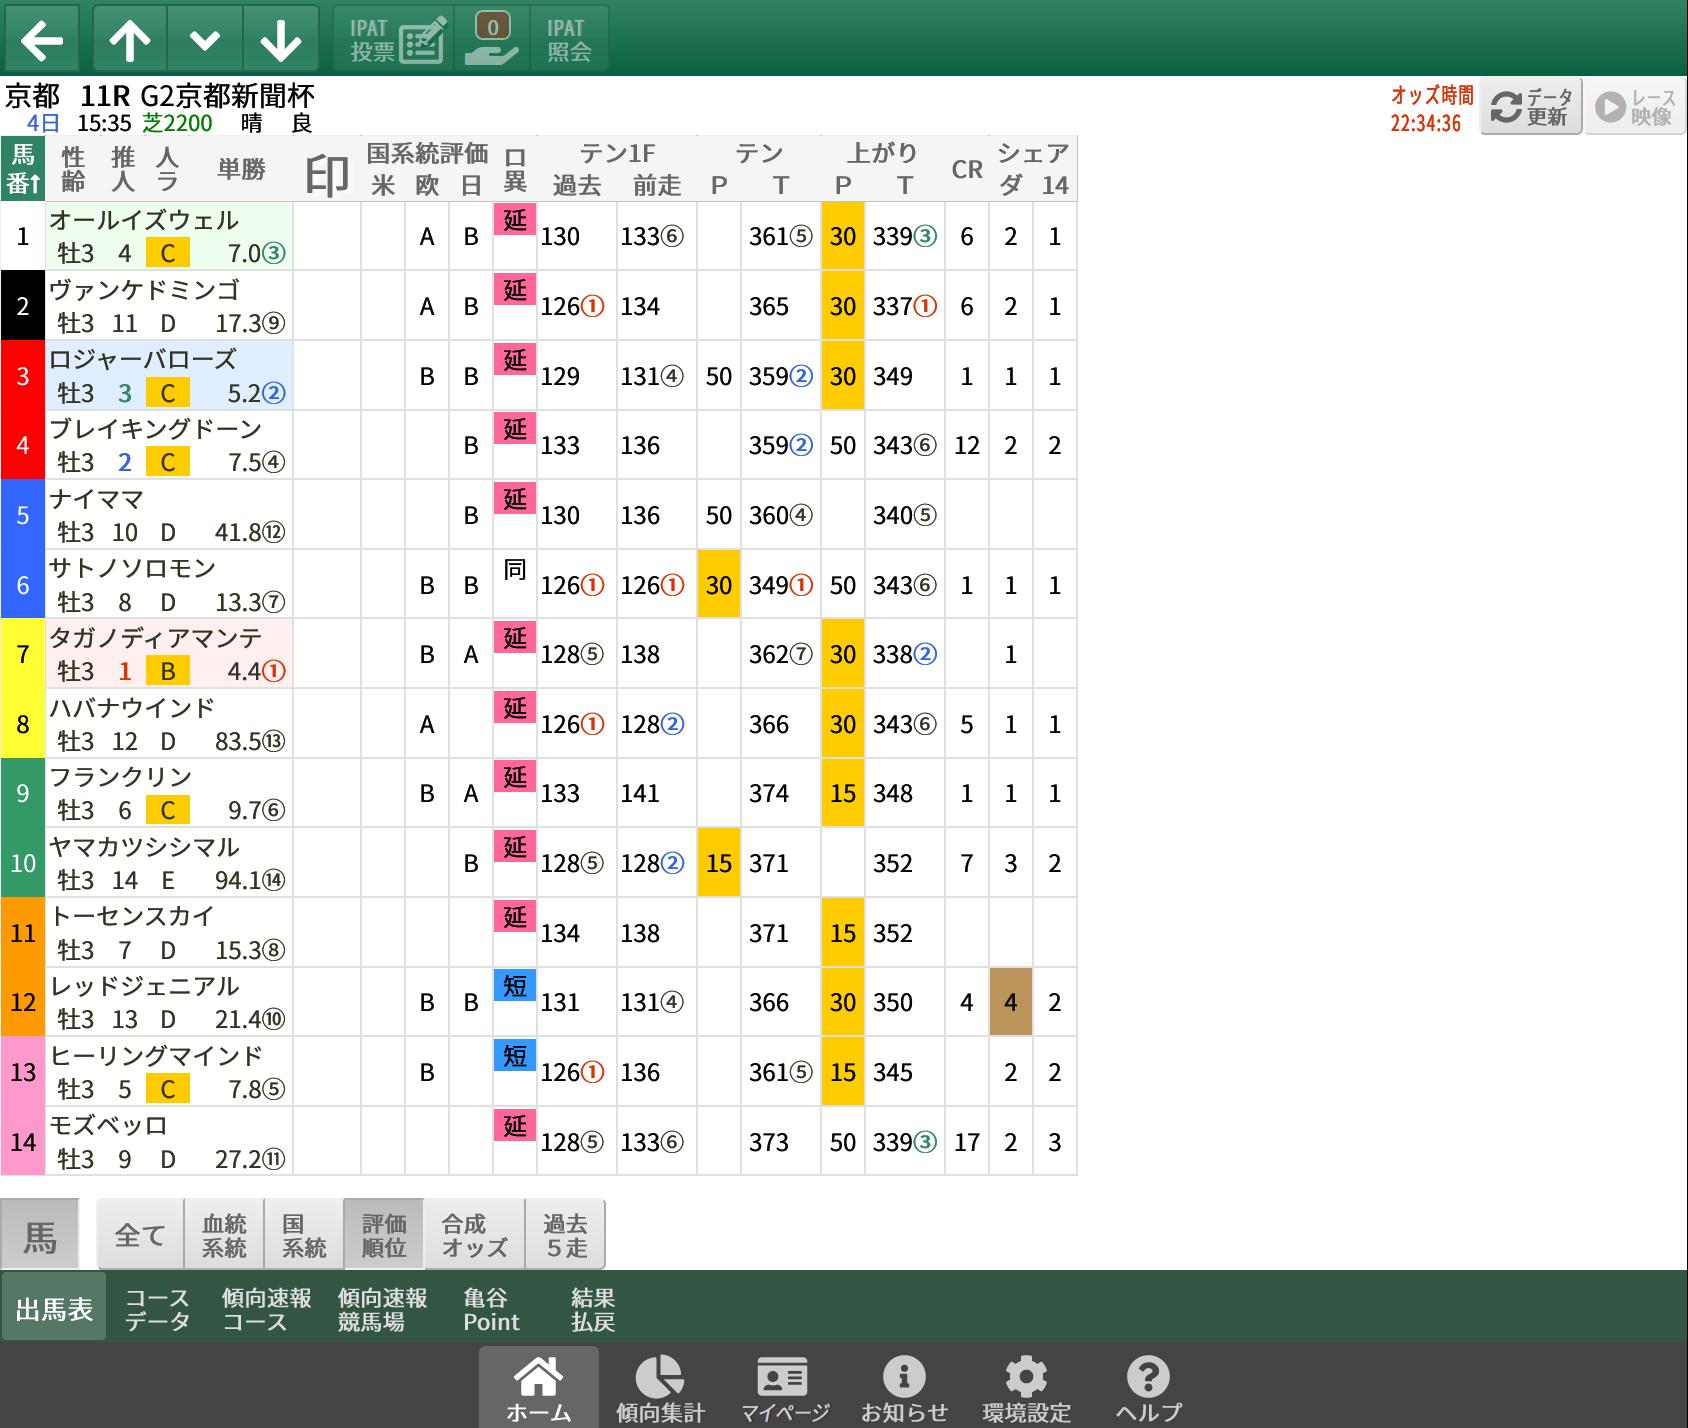 【無料公開】京都新聞杯 / 亀谷サロン限定公開中のスマート出馬表・次期バージョン